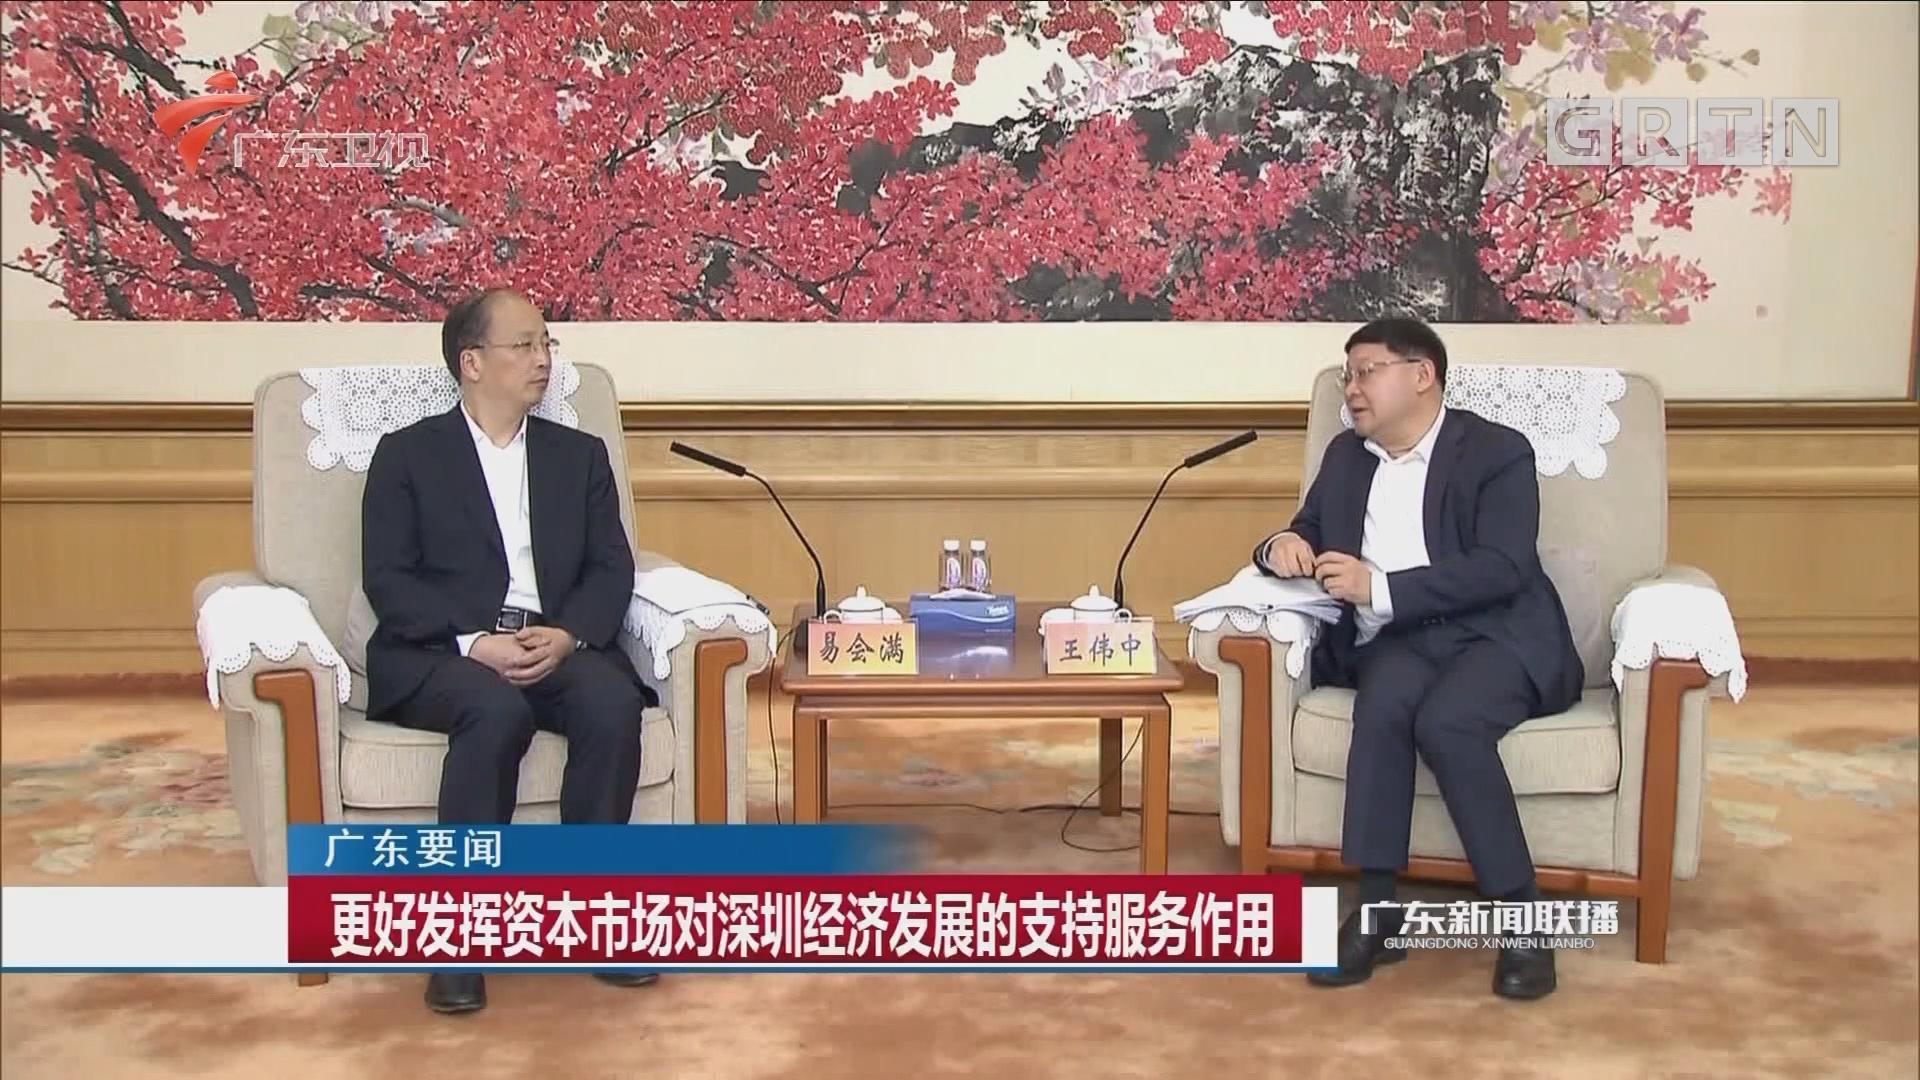 更好发挥资本市场对深圳经济发展的支持服务作用